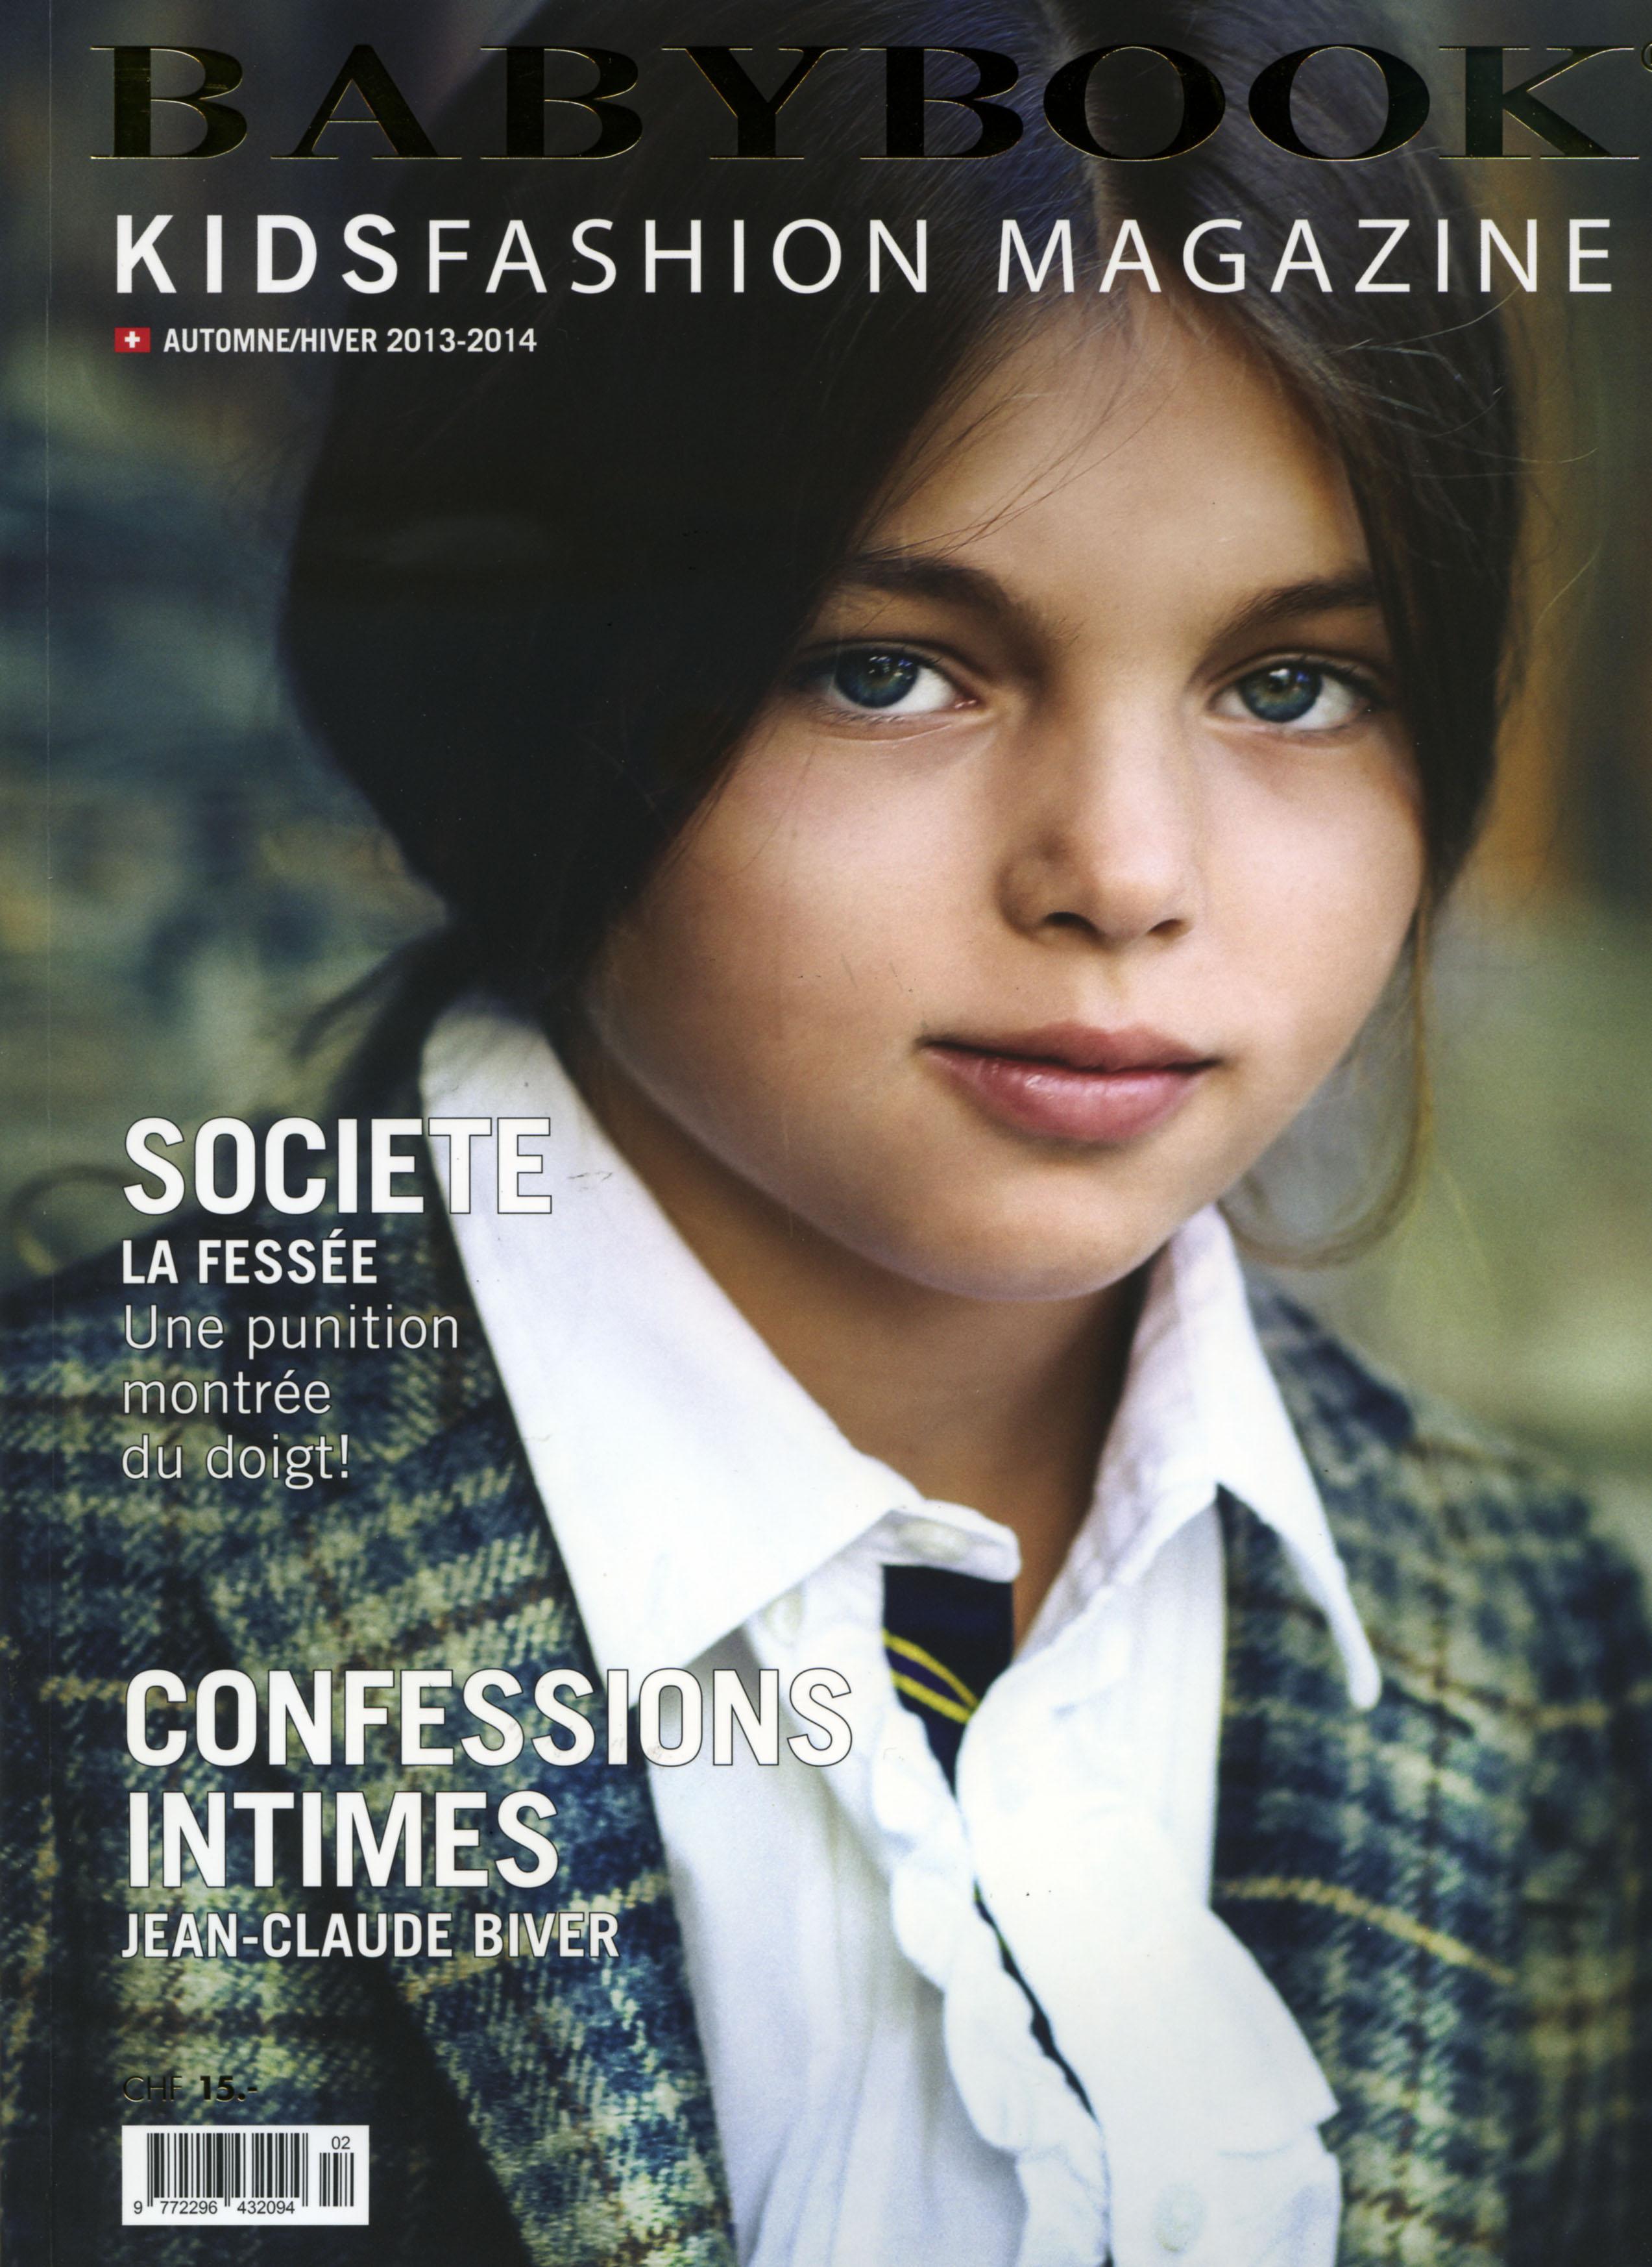 collegien-babybook-cover-nov13.jpg